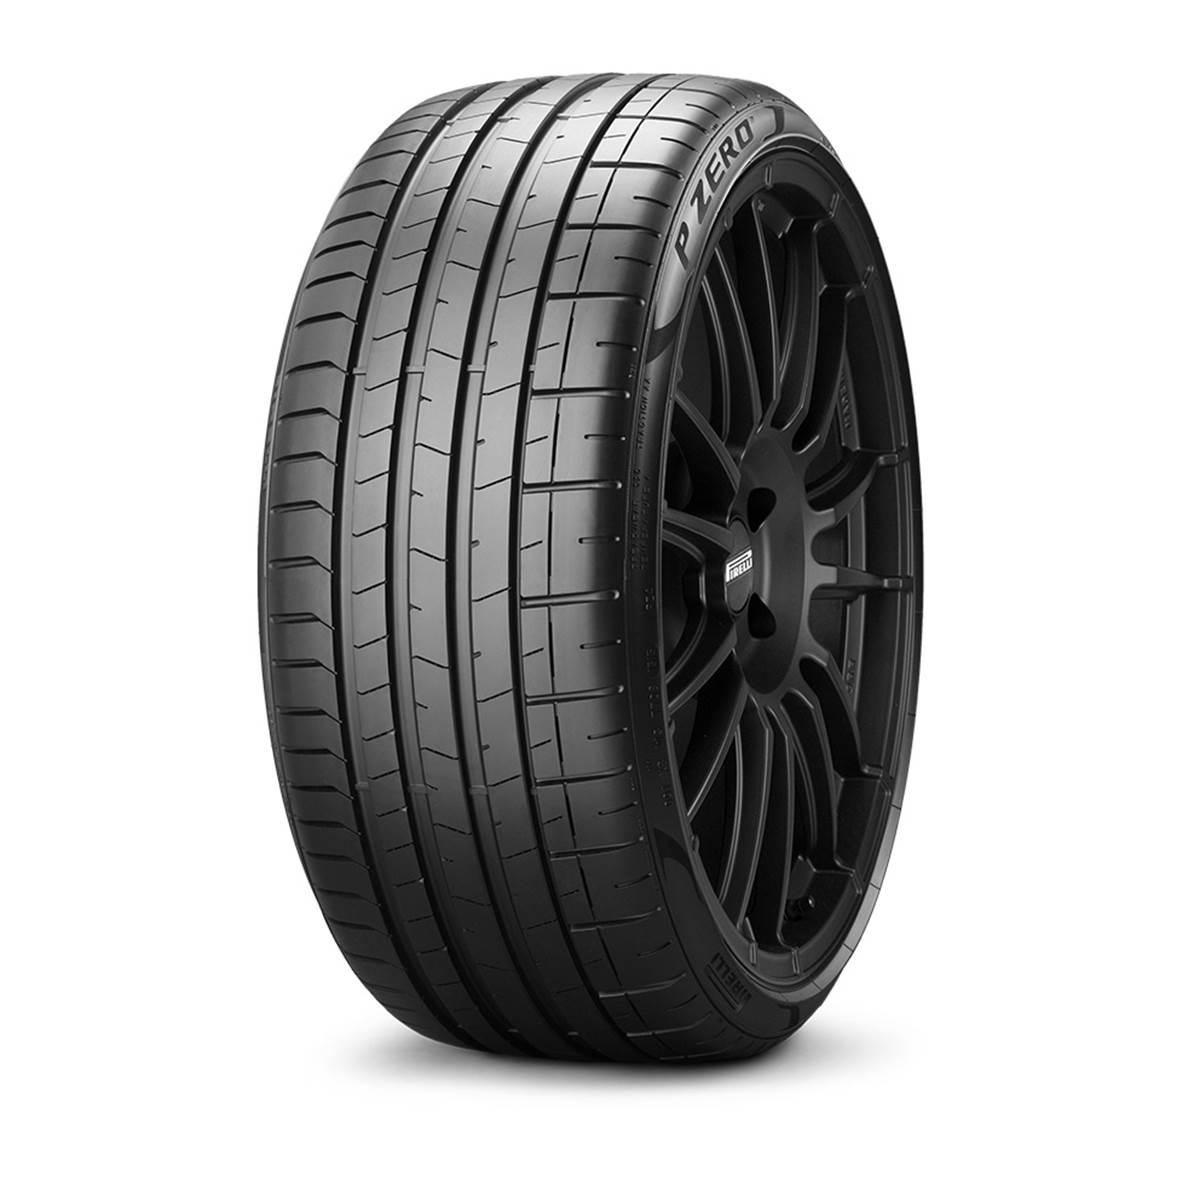 Pneu 4X4 Pirelli 295/40R21 111Y Pzero XL